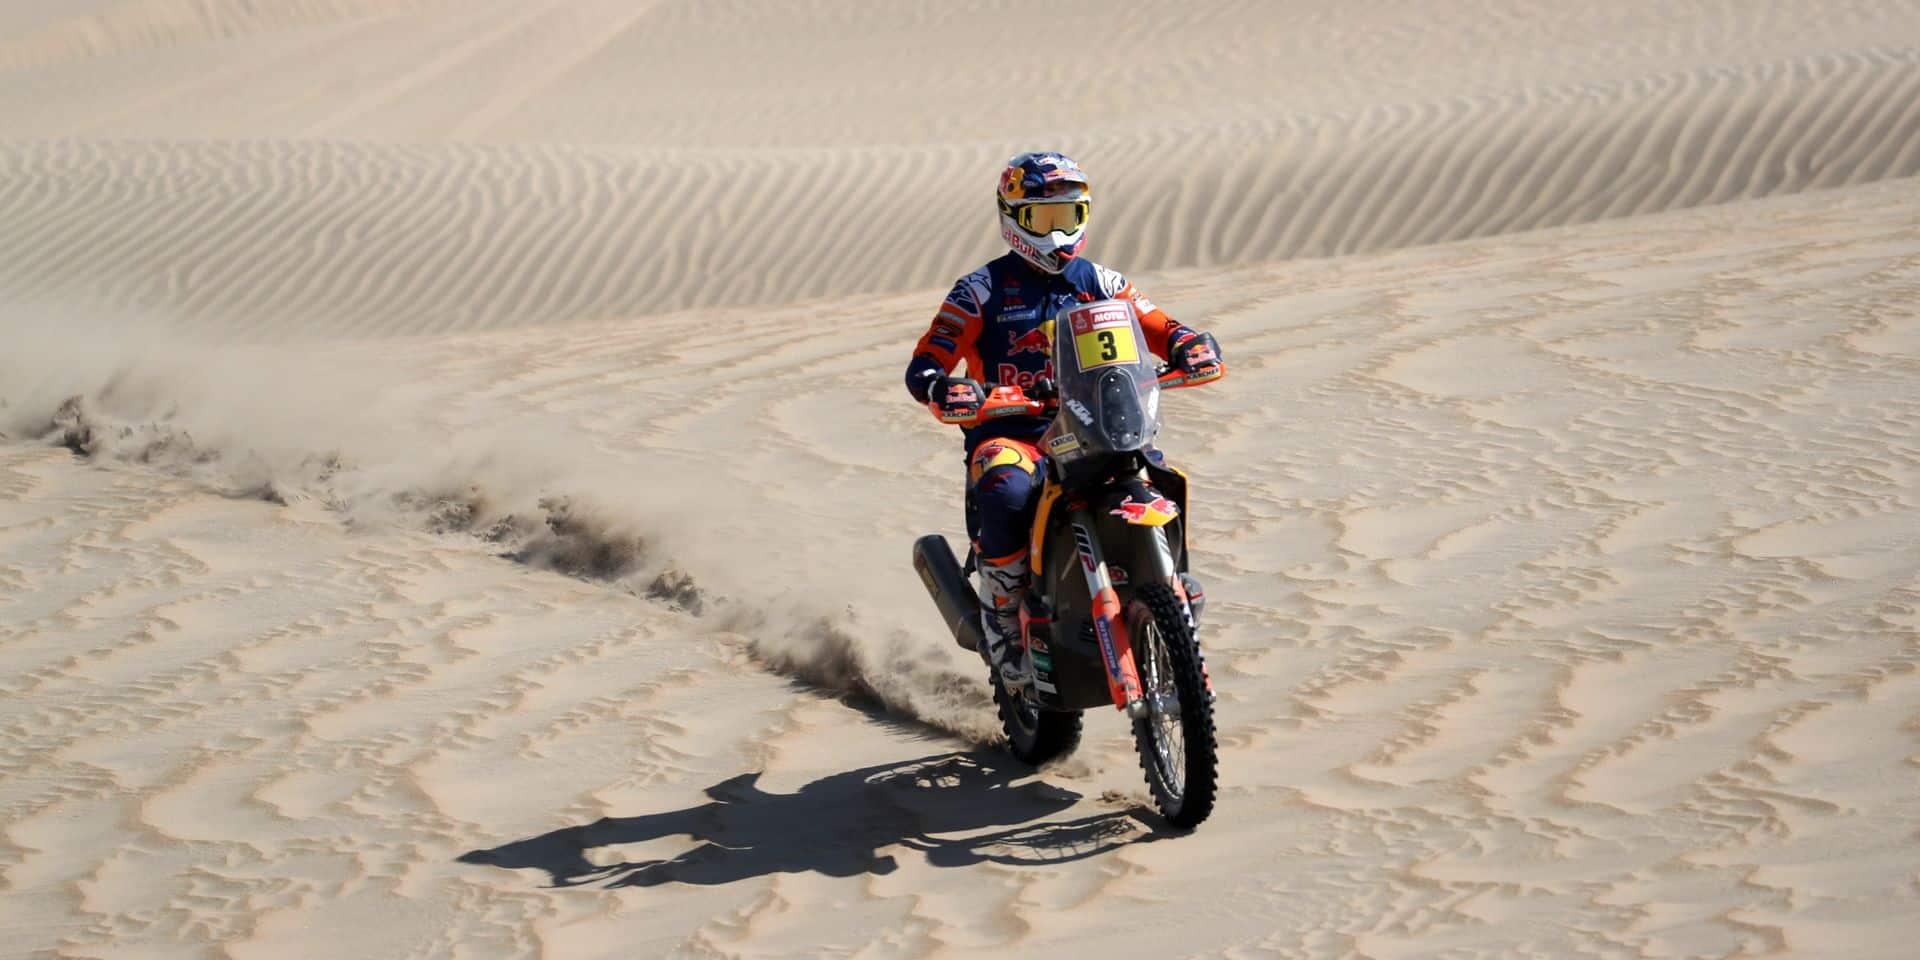 Dakar 2019: victoire finale de l'Australien Toby Price en motos